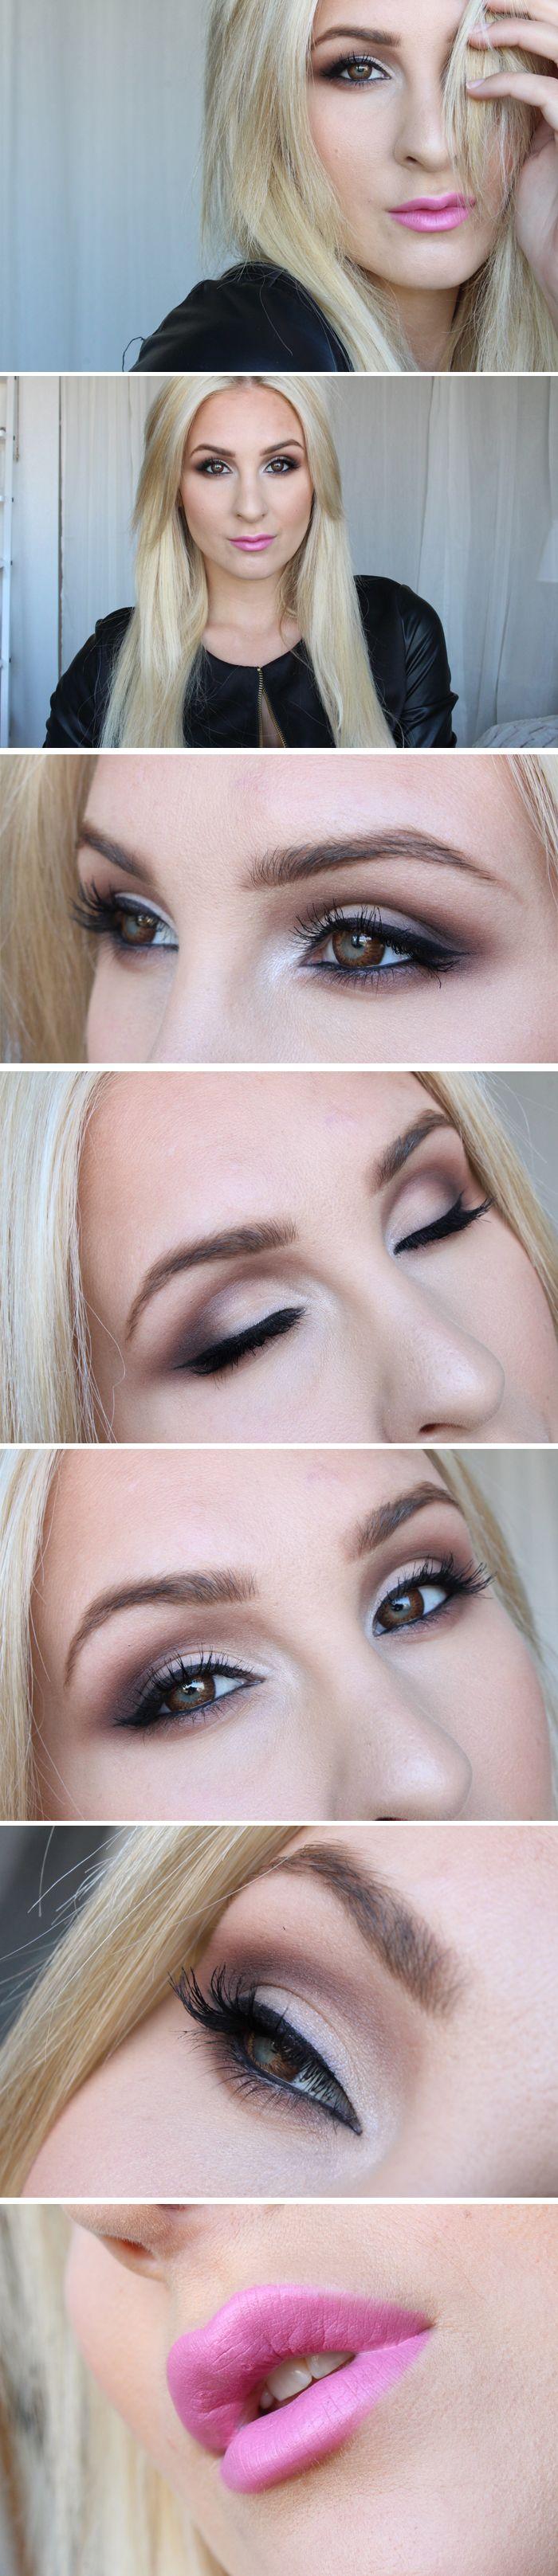 Dagens makeup – Fokus | Helen Torsgården - Hiilens sminkblogg | Veckorevyn